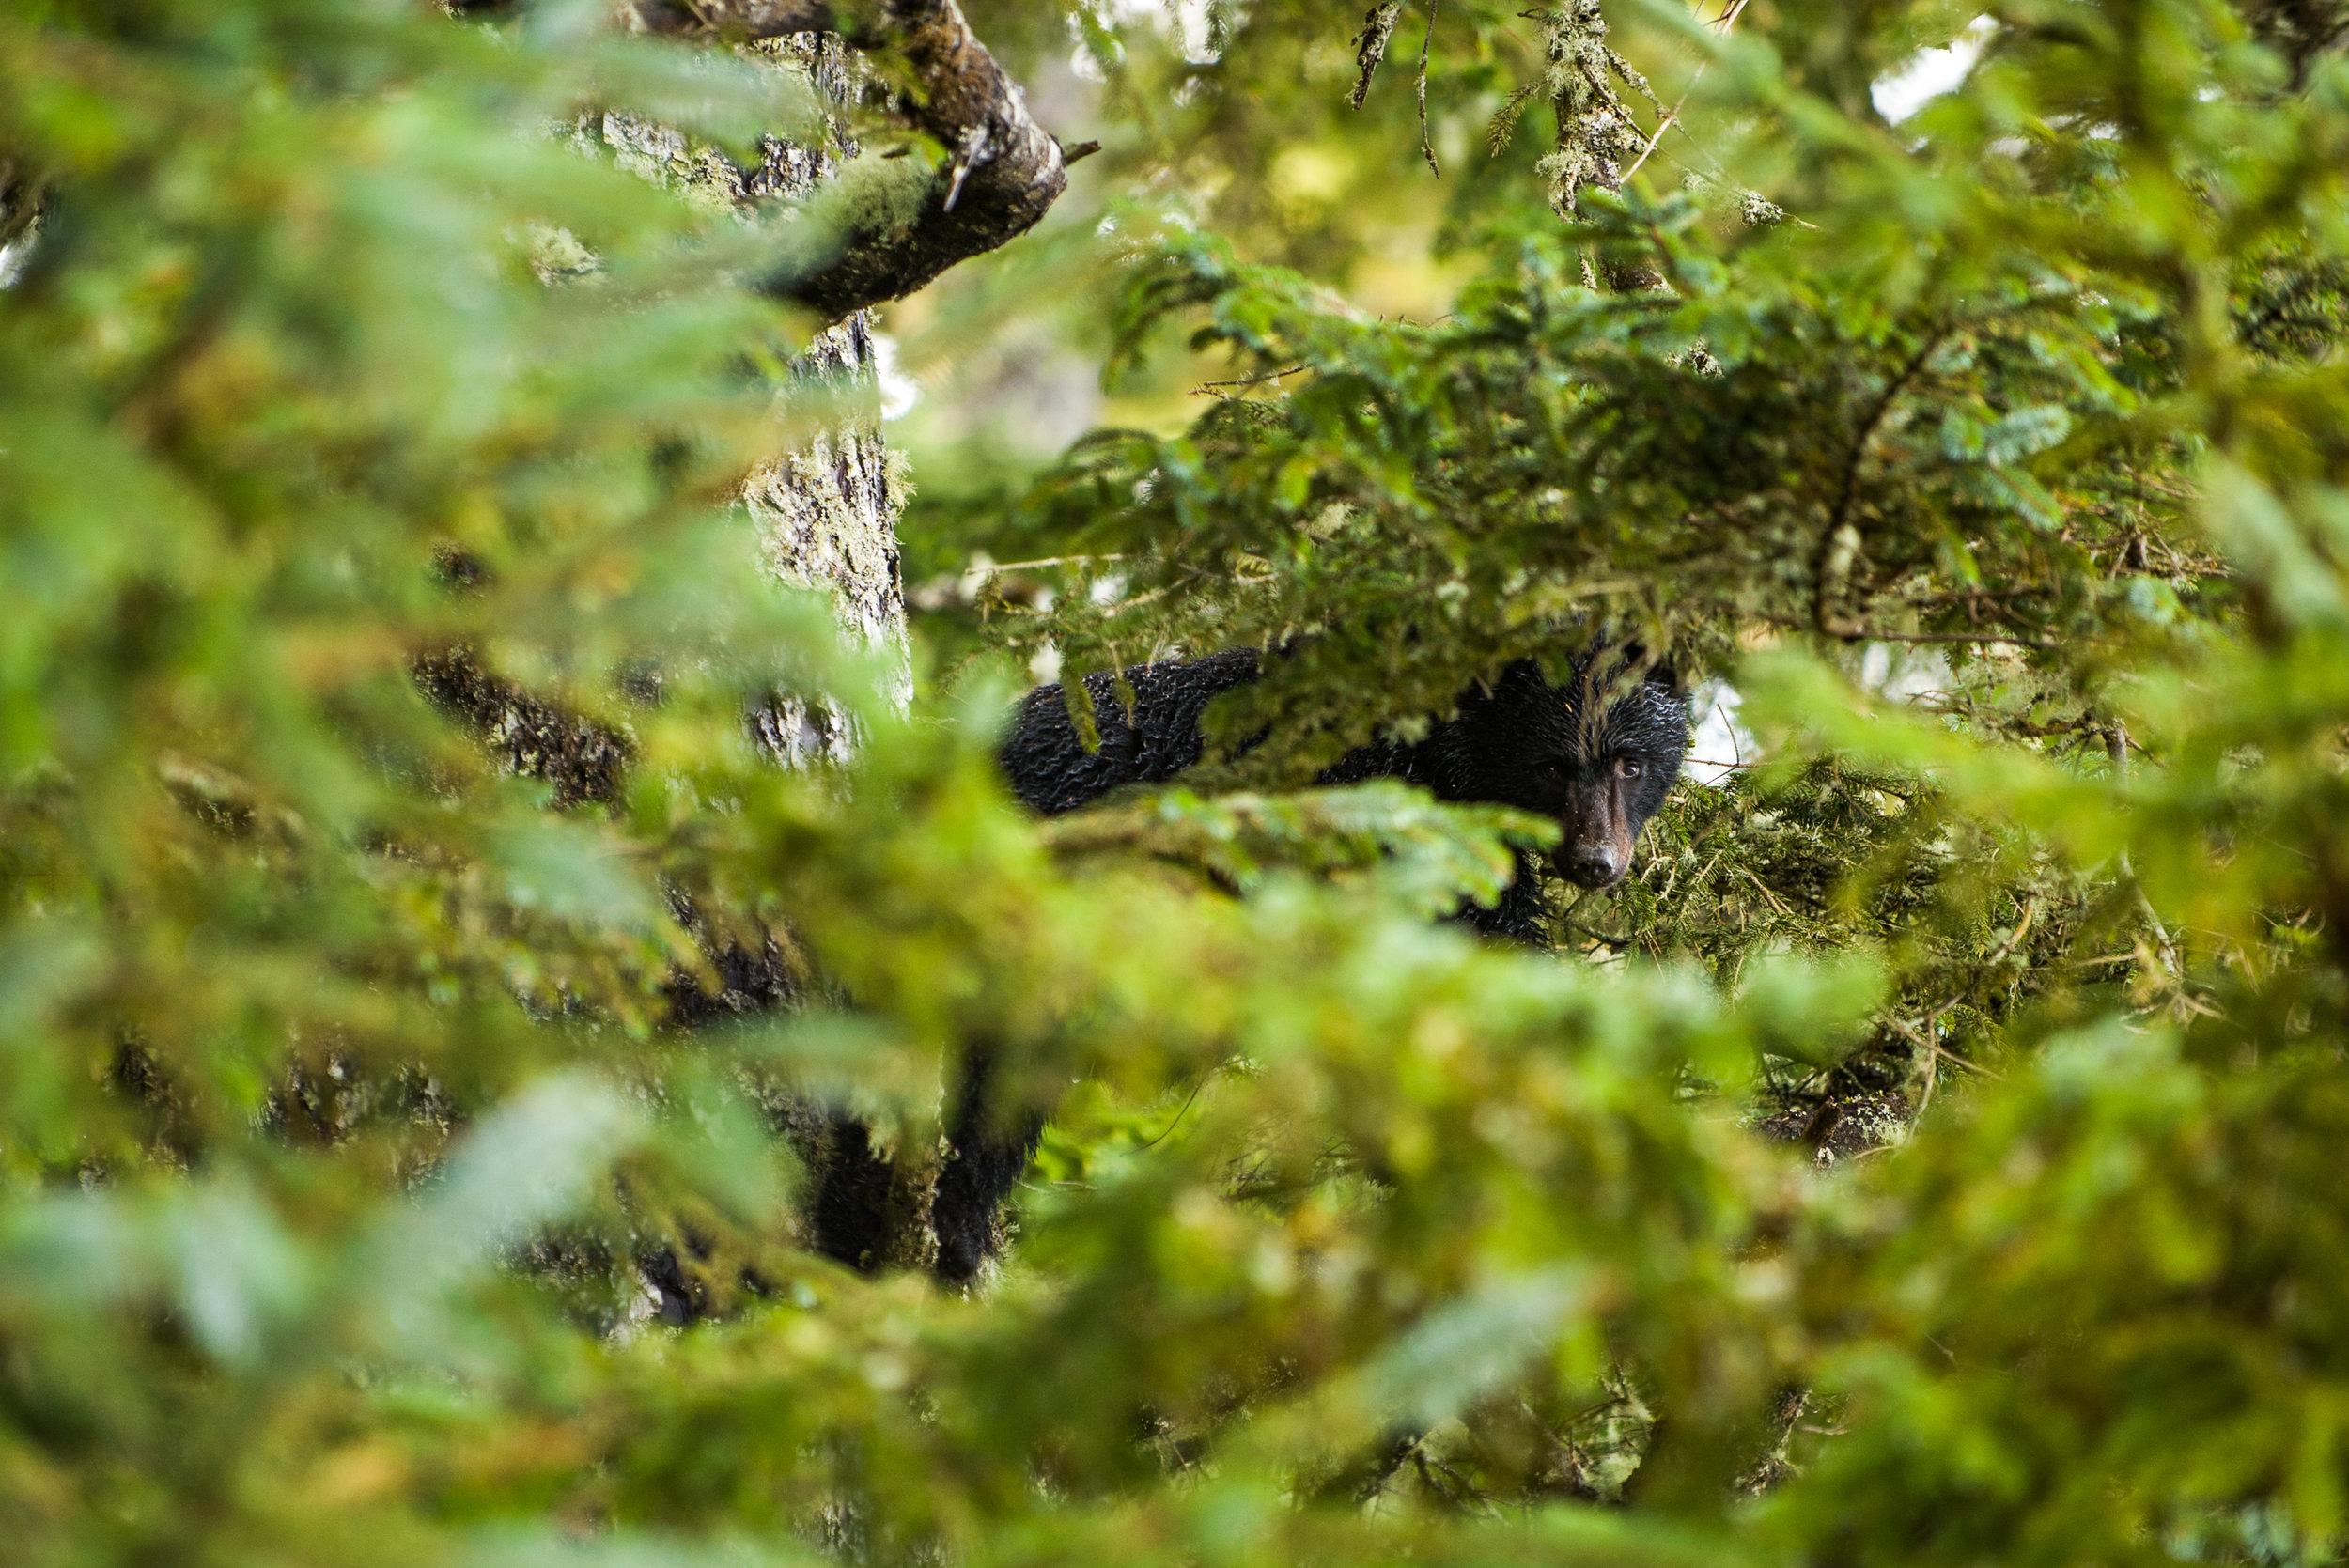 Juvenile Black Bear